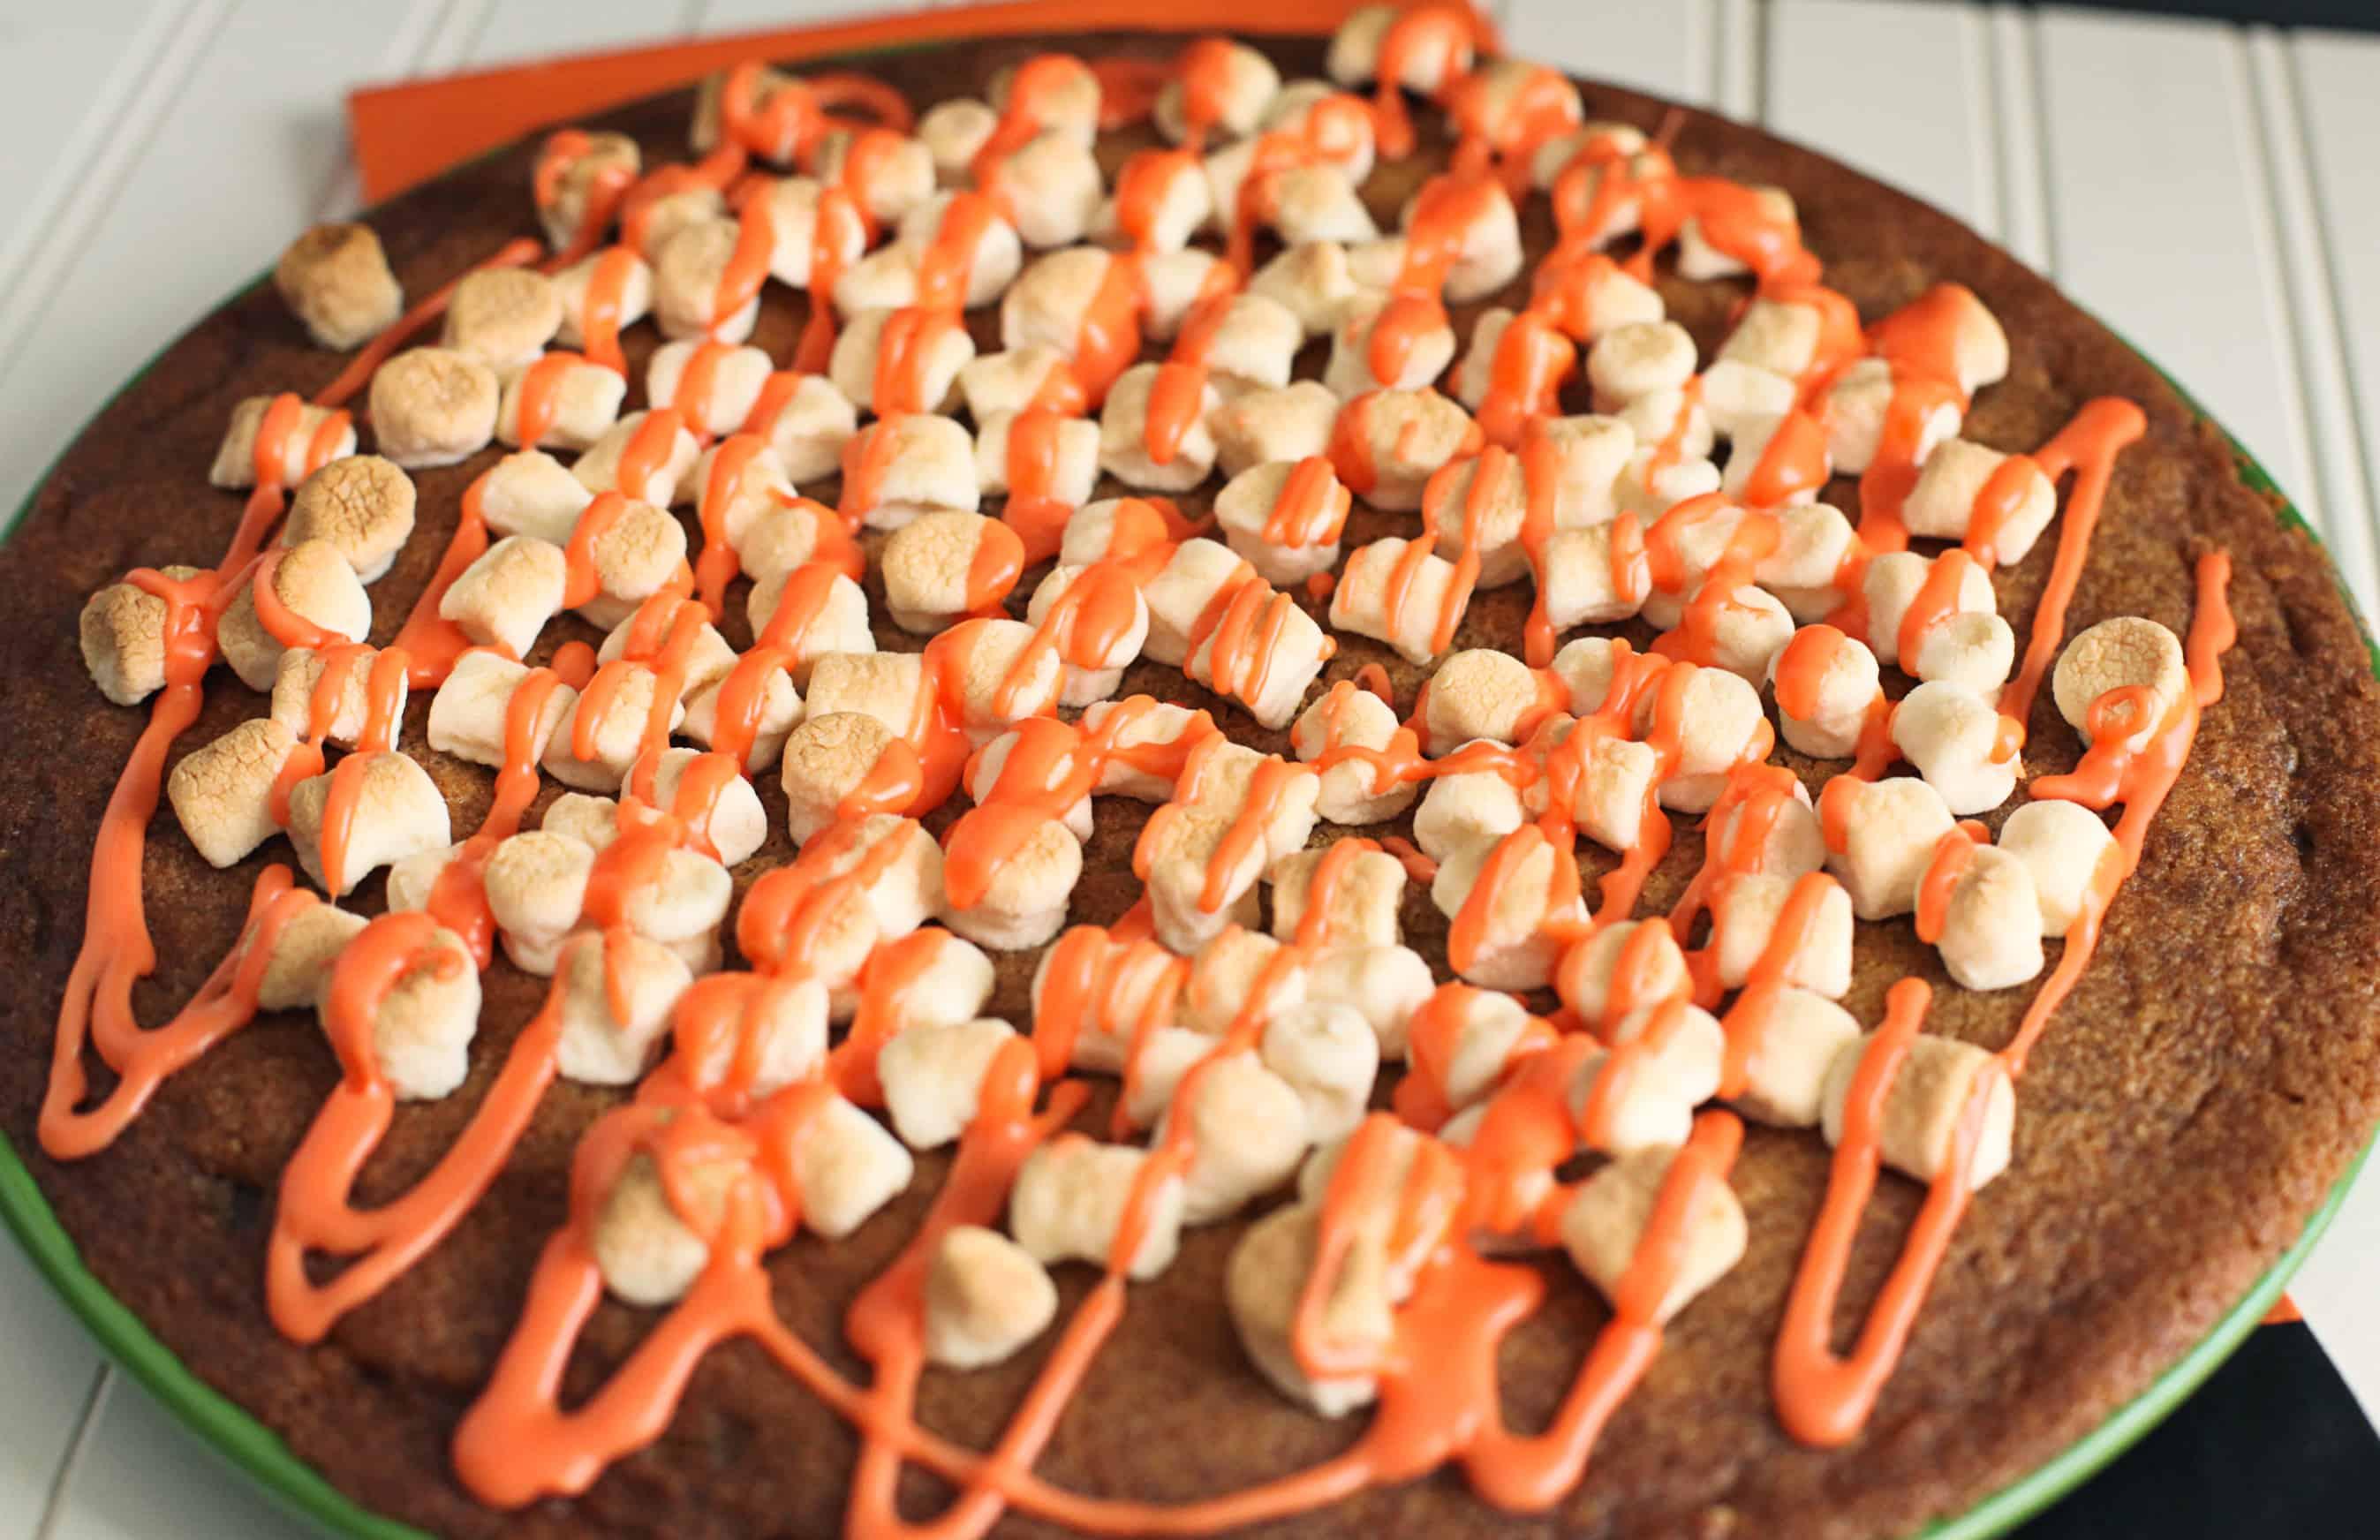 halloweencookiepizza02